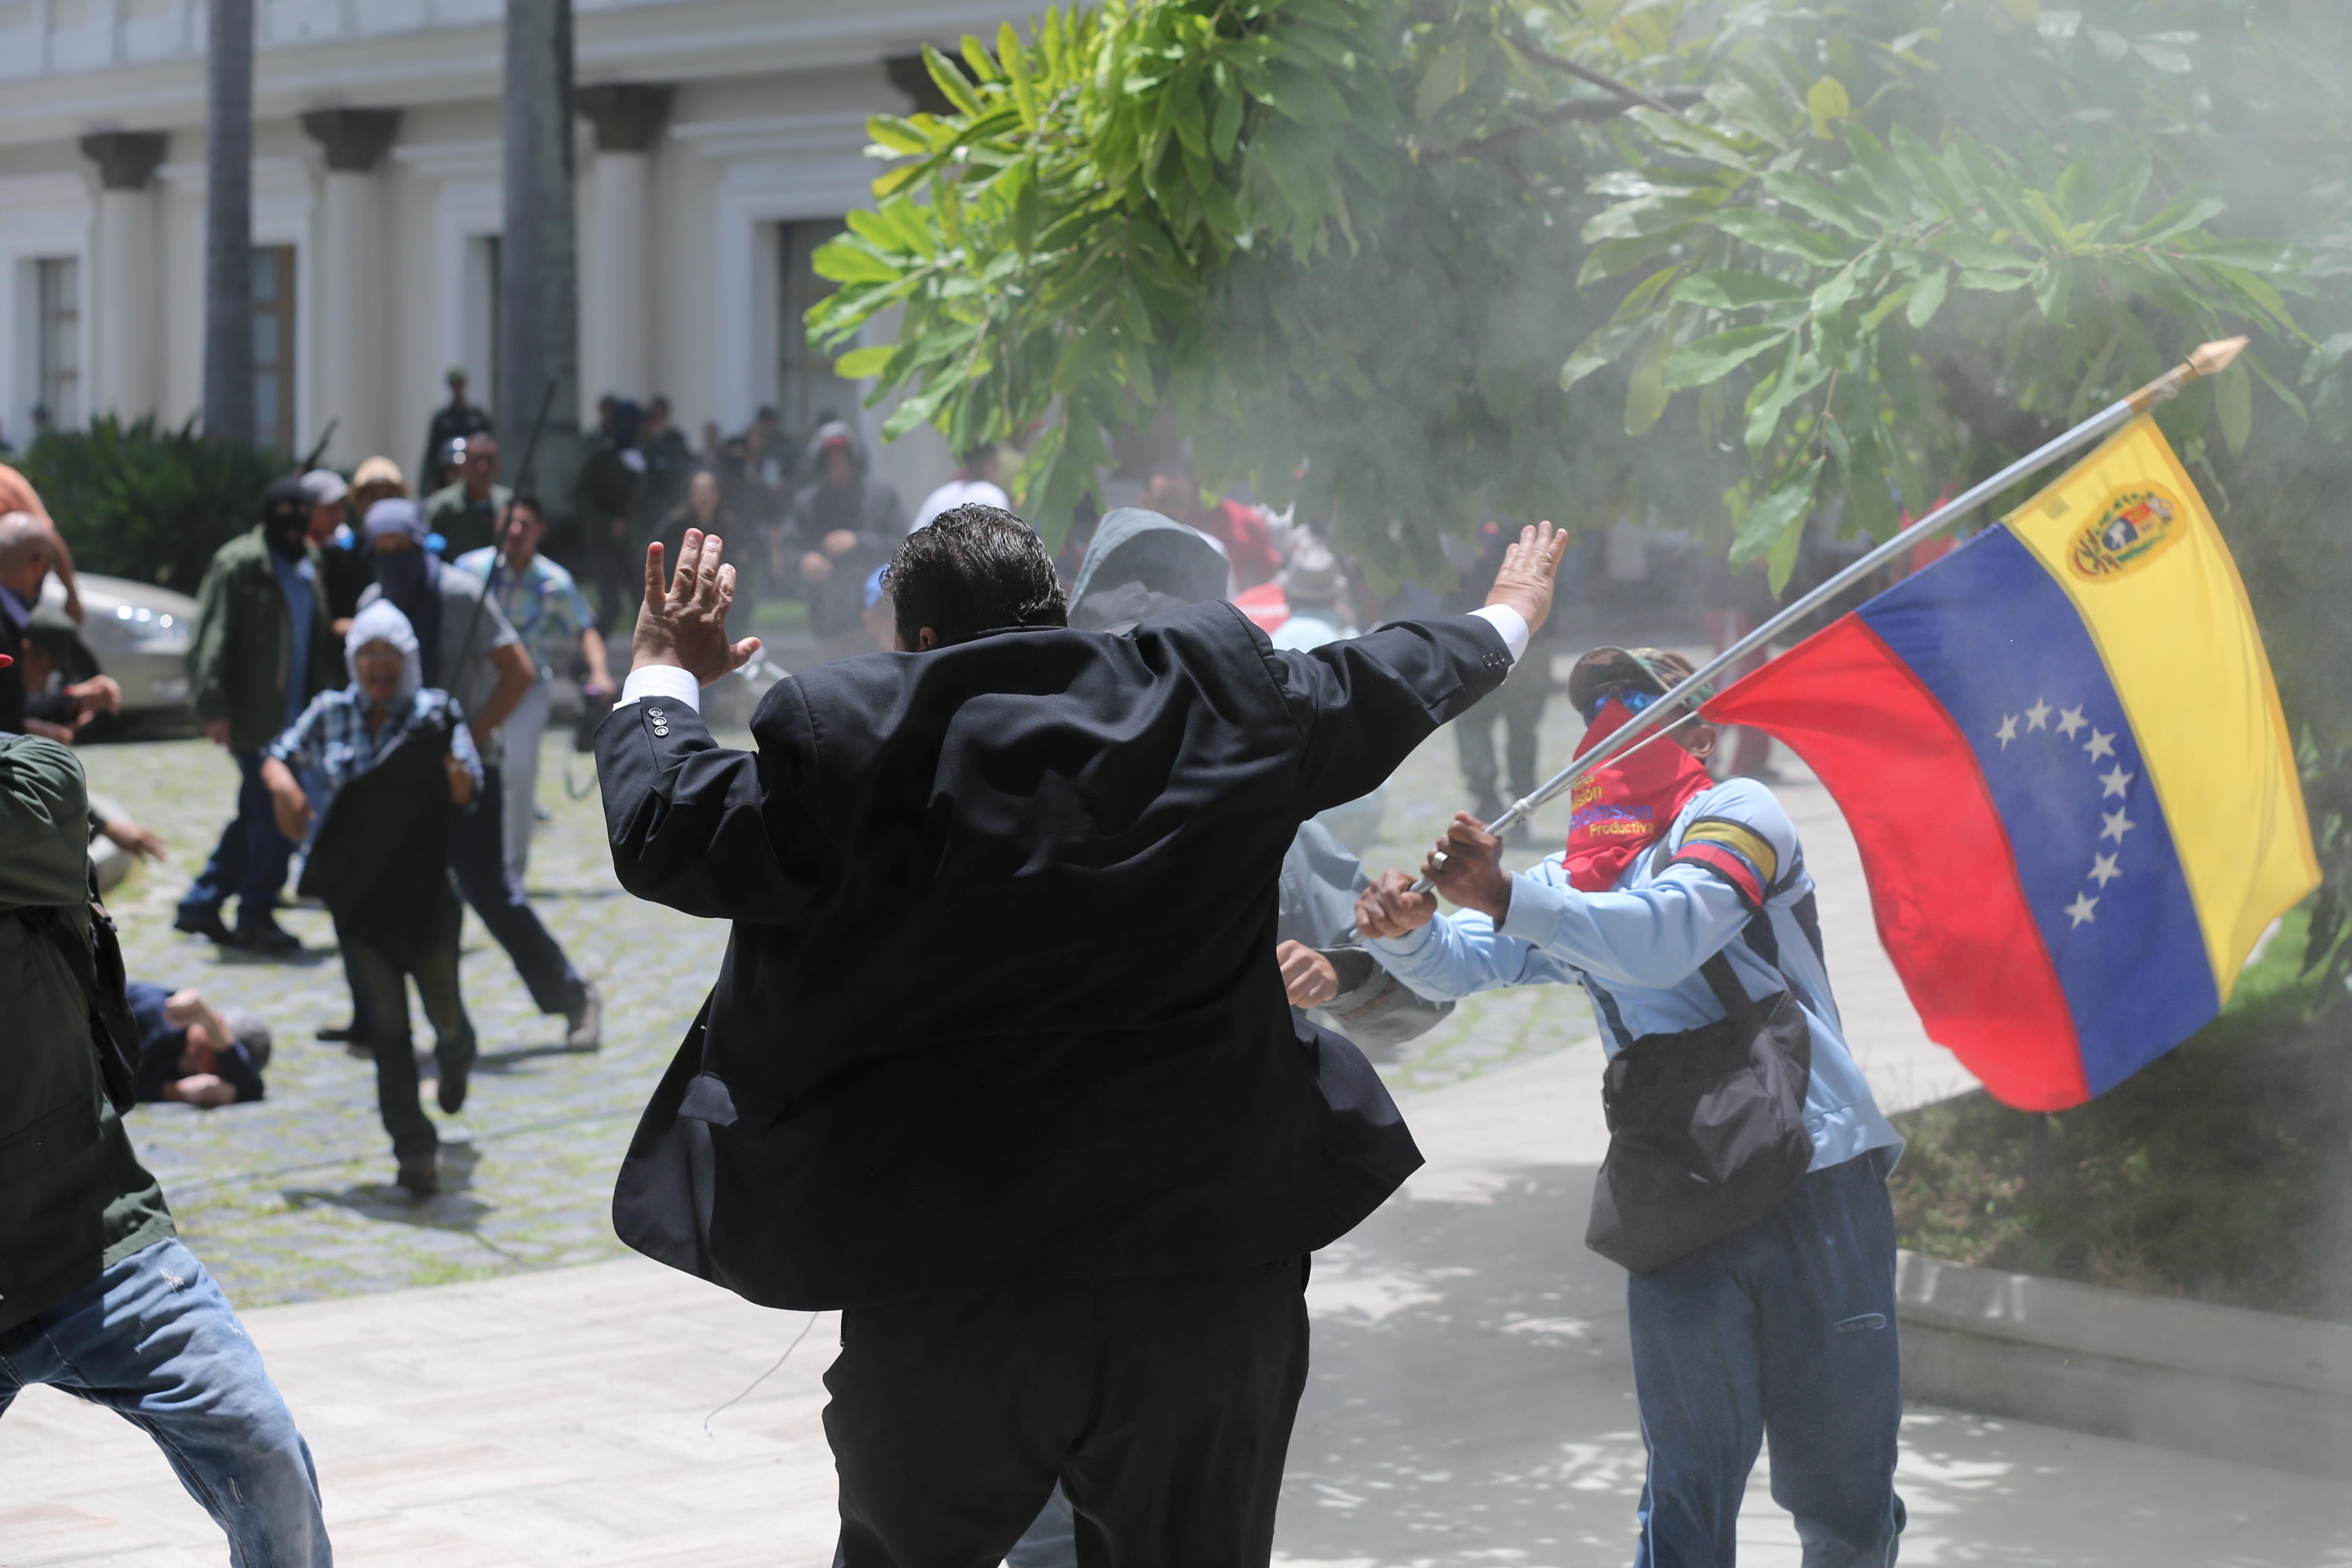 venezoyela-traymaties-apo-eisvoli-ypostirikton-toy-madoyro-sto-koinovoylio2